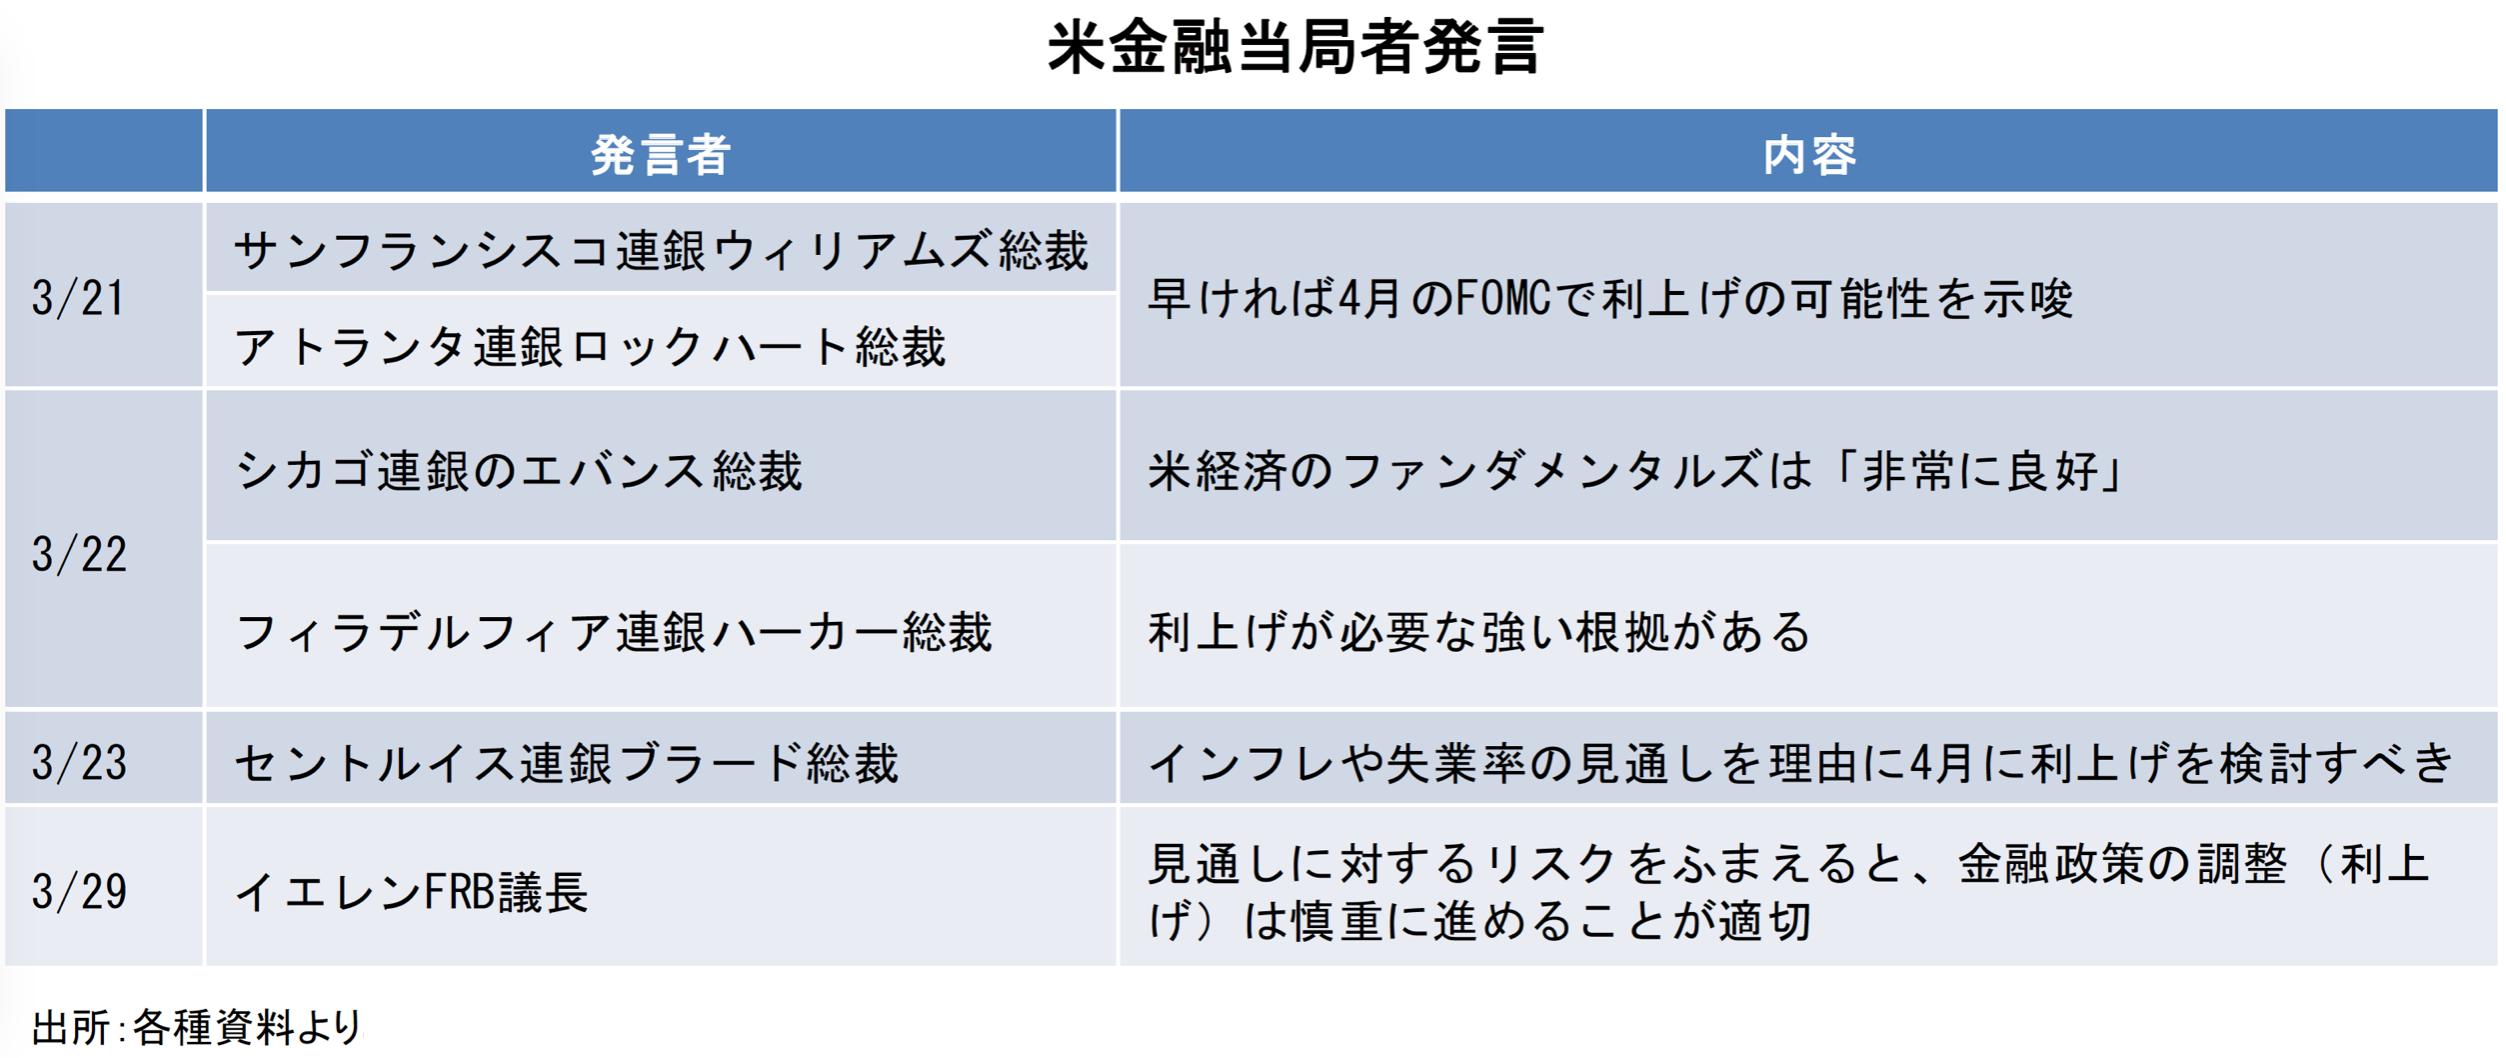 【図1】ドル円、約1年5ヶ月ぶりの安値を更新、110円割れ